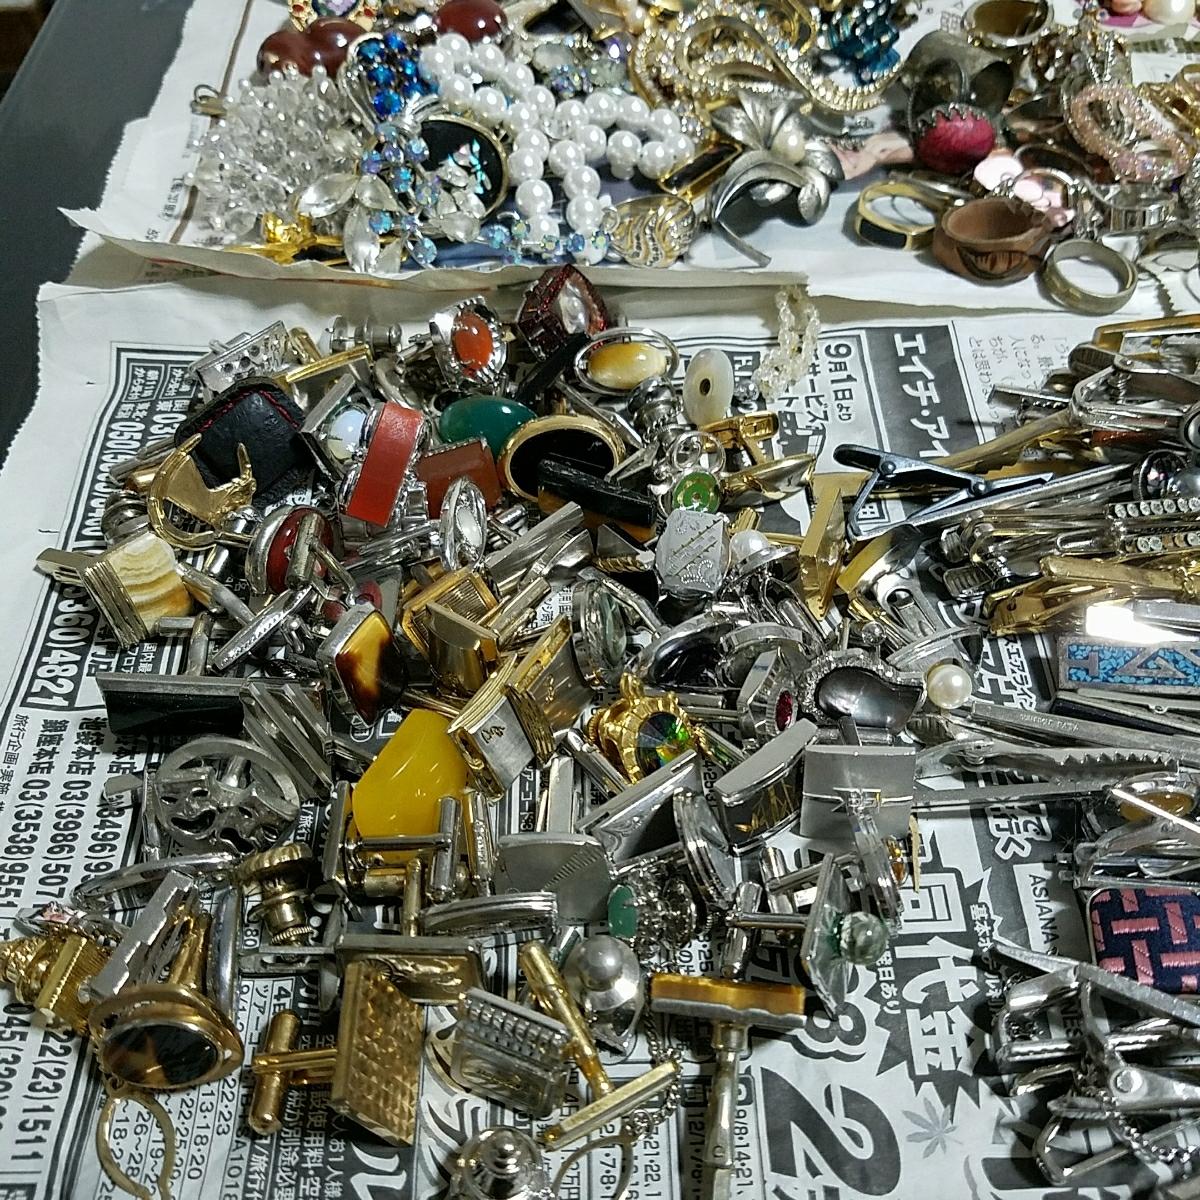 アクセサリー 大量約5キロ silver刻印 & シャネル 等各種ブランド 多数含む イミテーション 真珠 ネックレス タイピング 指輪 イヤリング_画像4